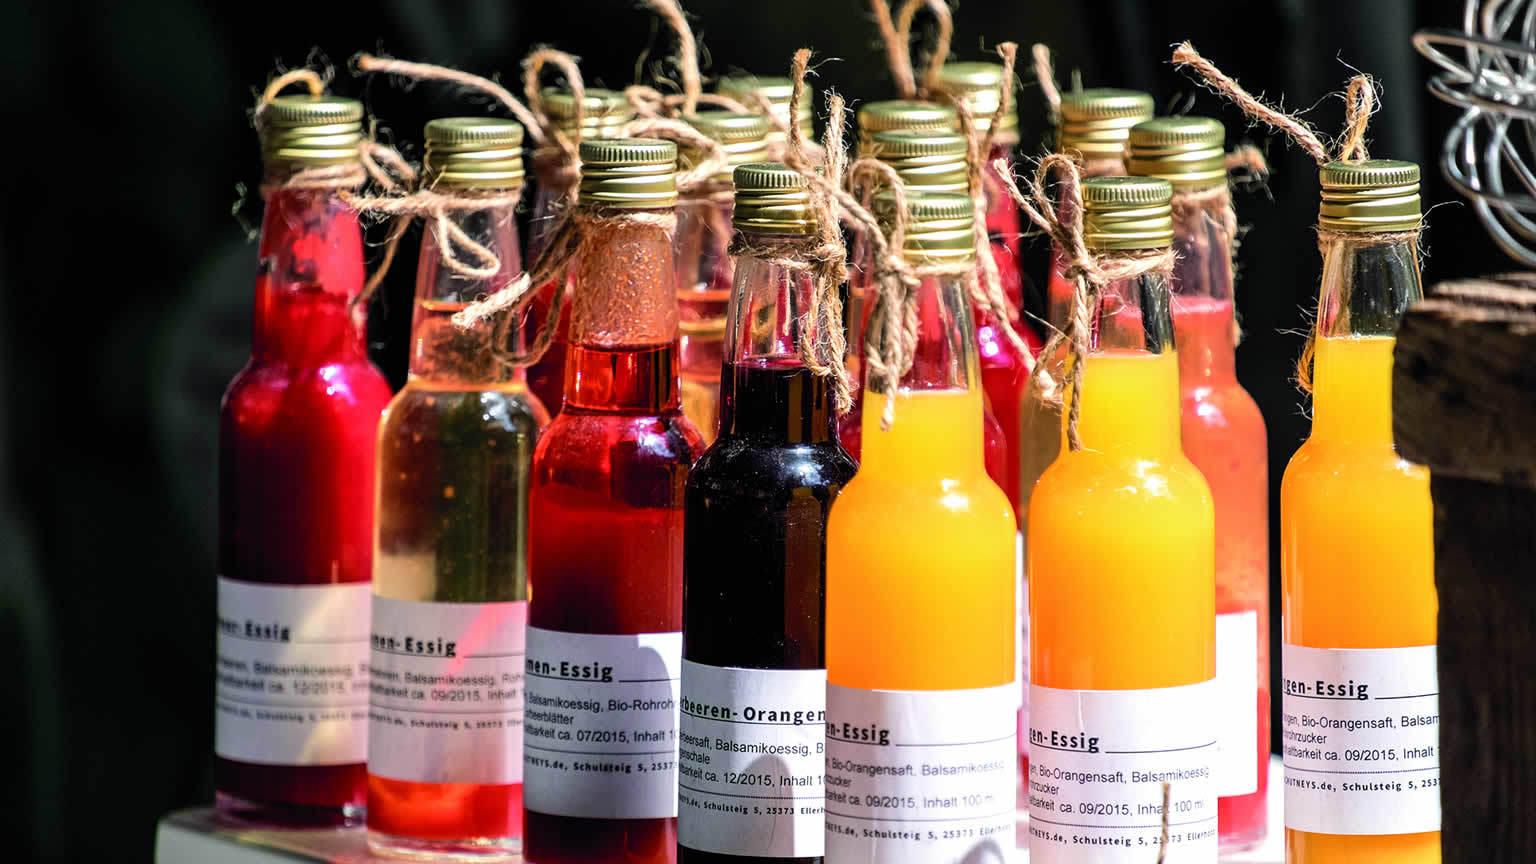 Essigflaschen